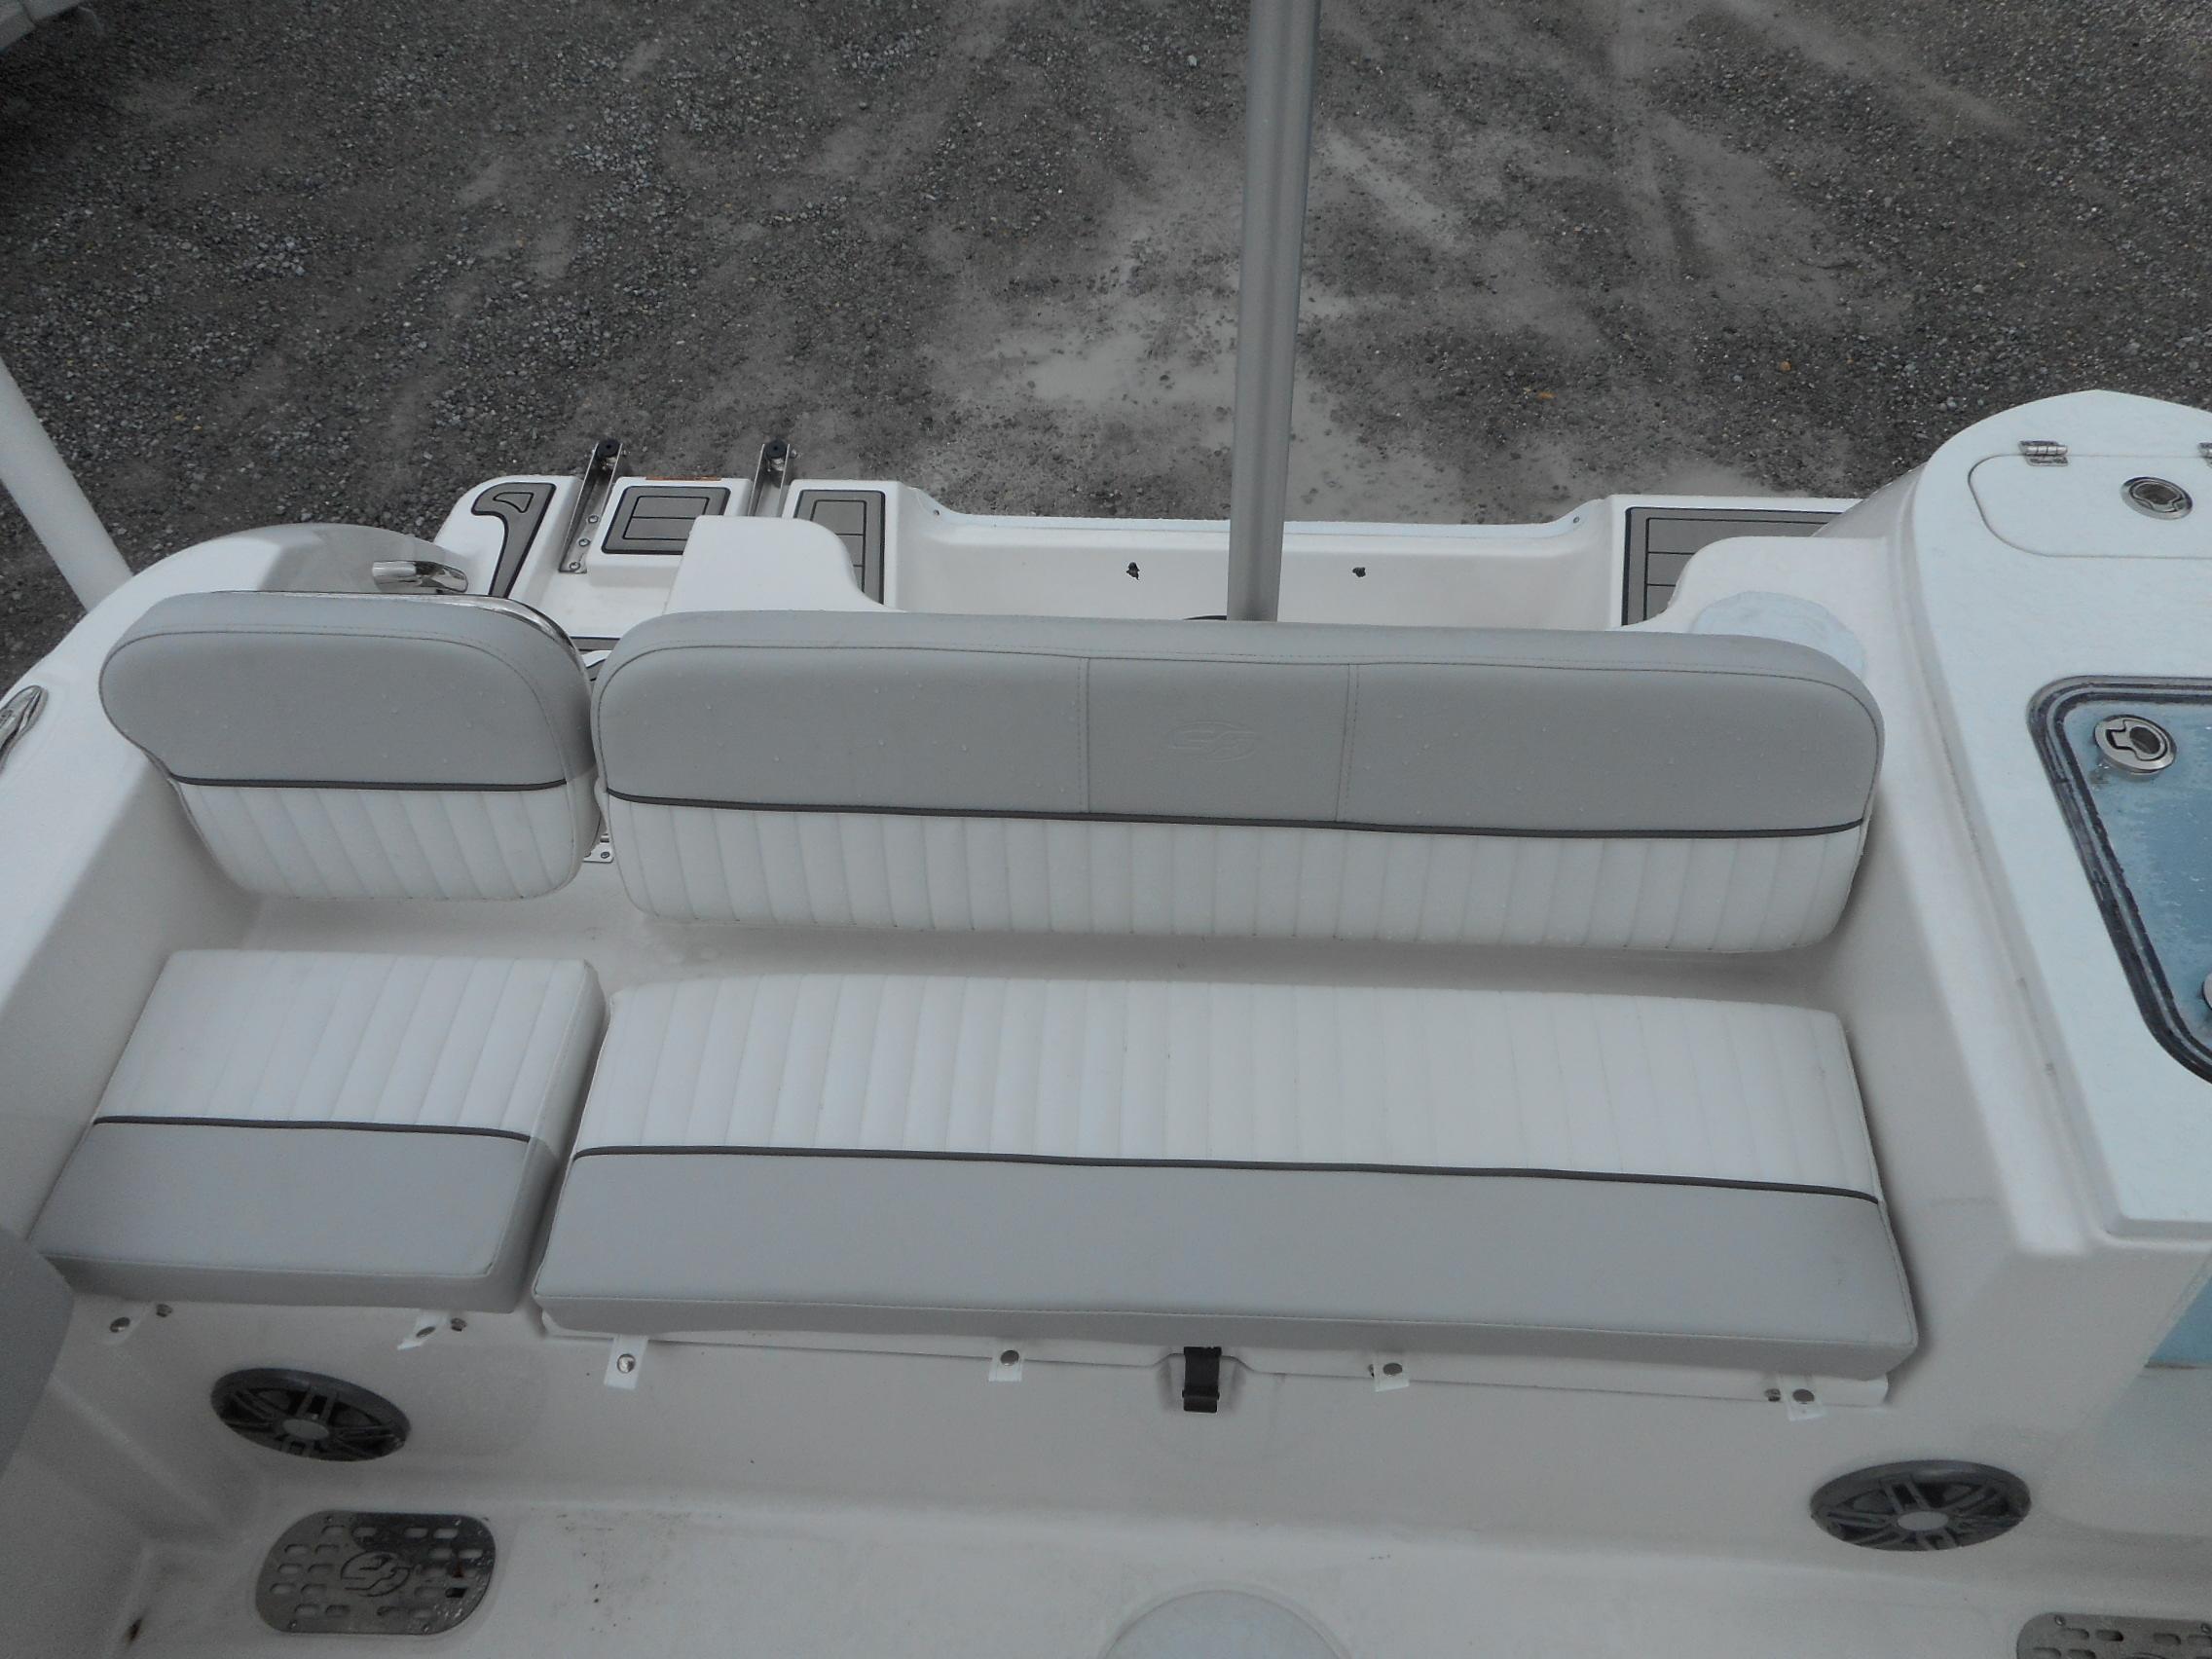 New  2021 22.33' Sea Fox 228 Commander Center Console in Slidell, Louisiana